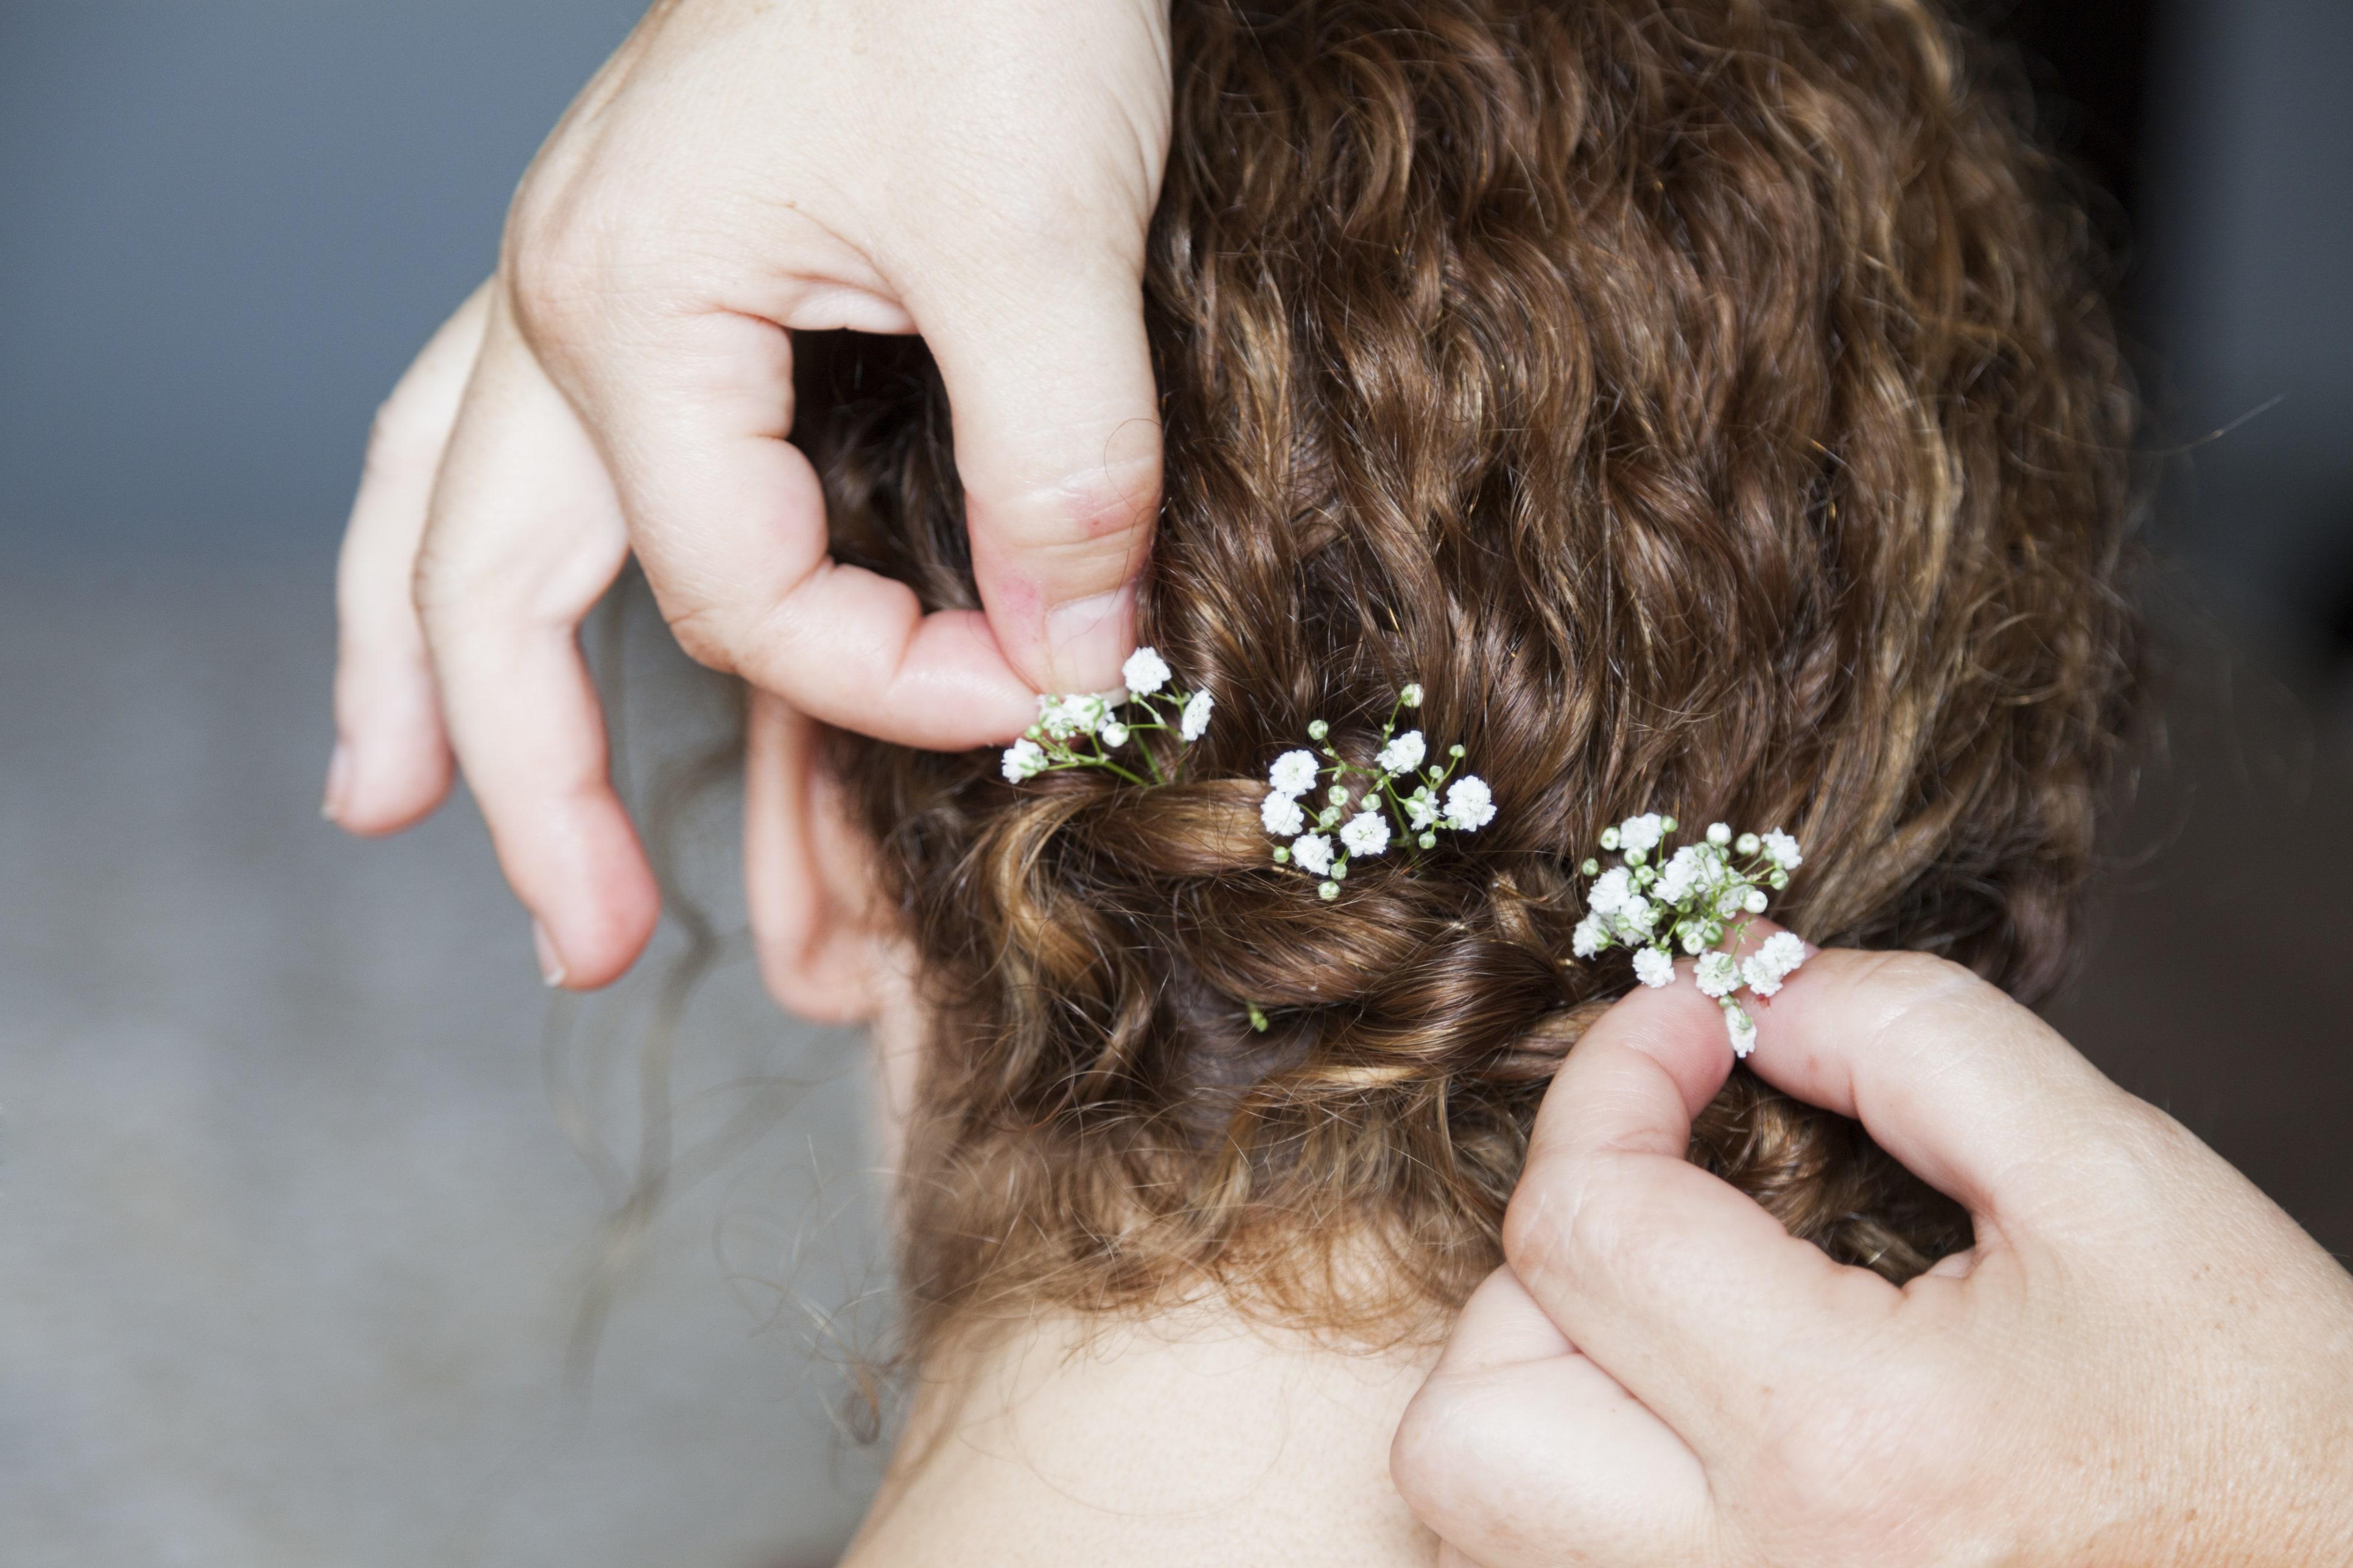 acessorios no cabelo